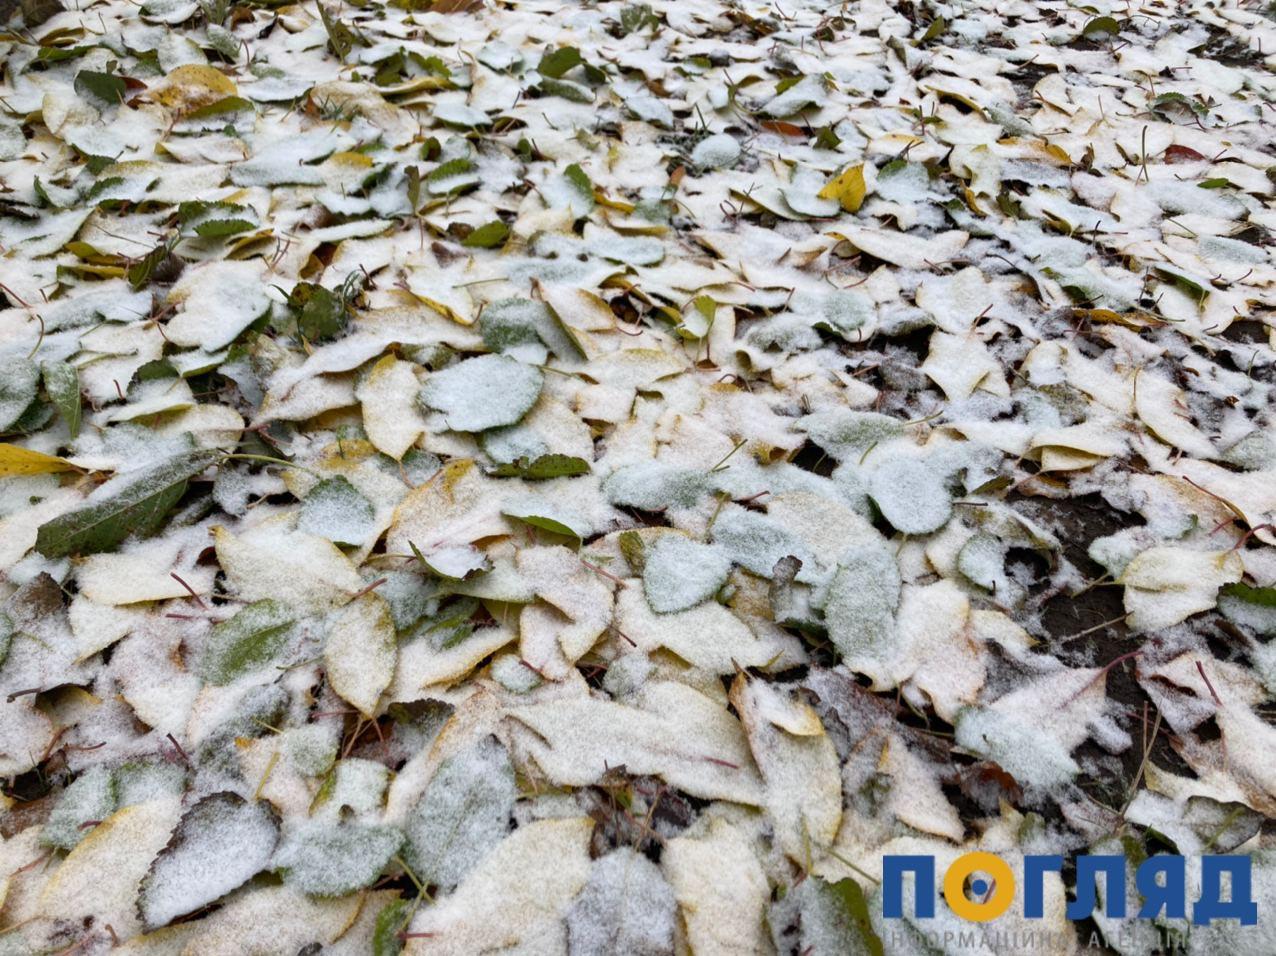 До –20°С та ожеледиця: на Україну насувається потужний арктичний циклон - прогноз погоди, похолодання, погода, ожеледиця, морози - 17 sneg Vasylkov2